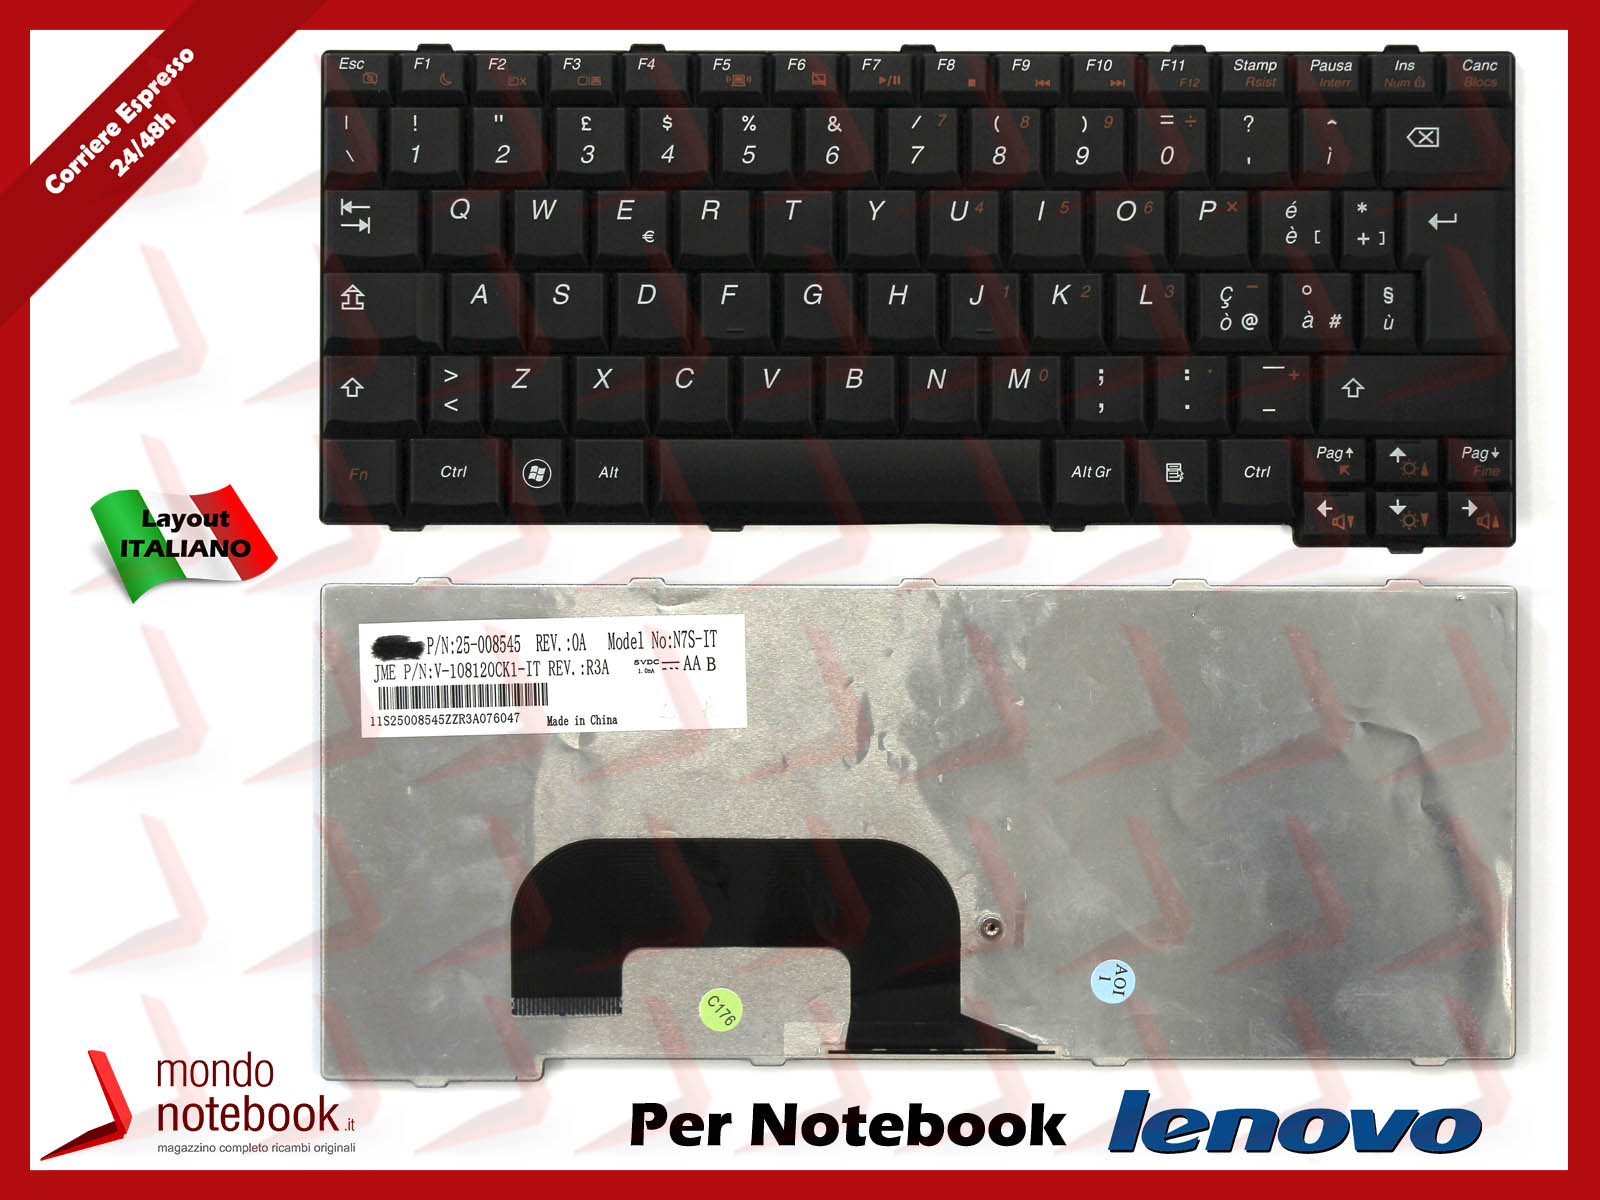 Tastiera-Notebook-Lenovo-IdeaPad-S12-Nera-ITALIANA-V-108120AK1-IT-25-008545